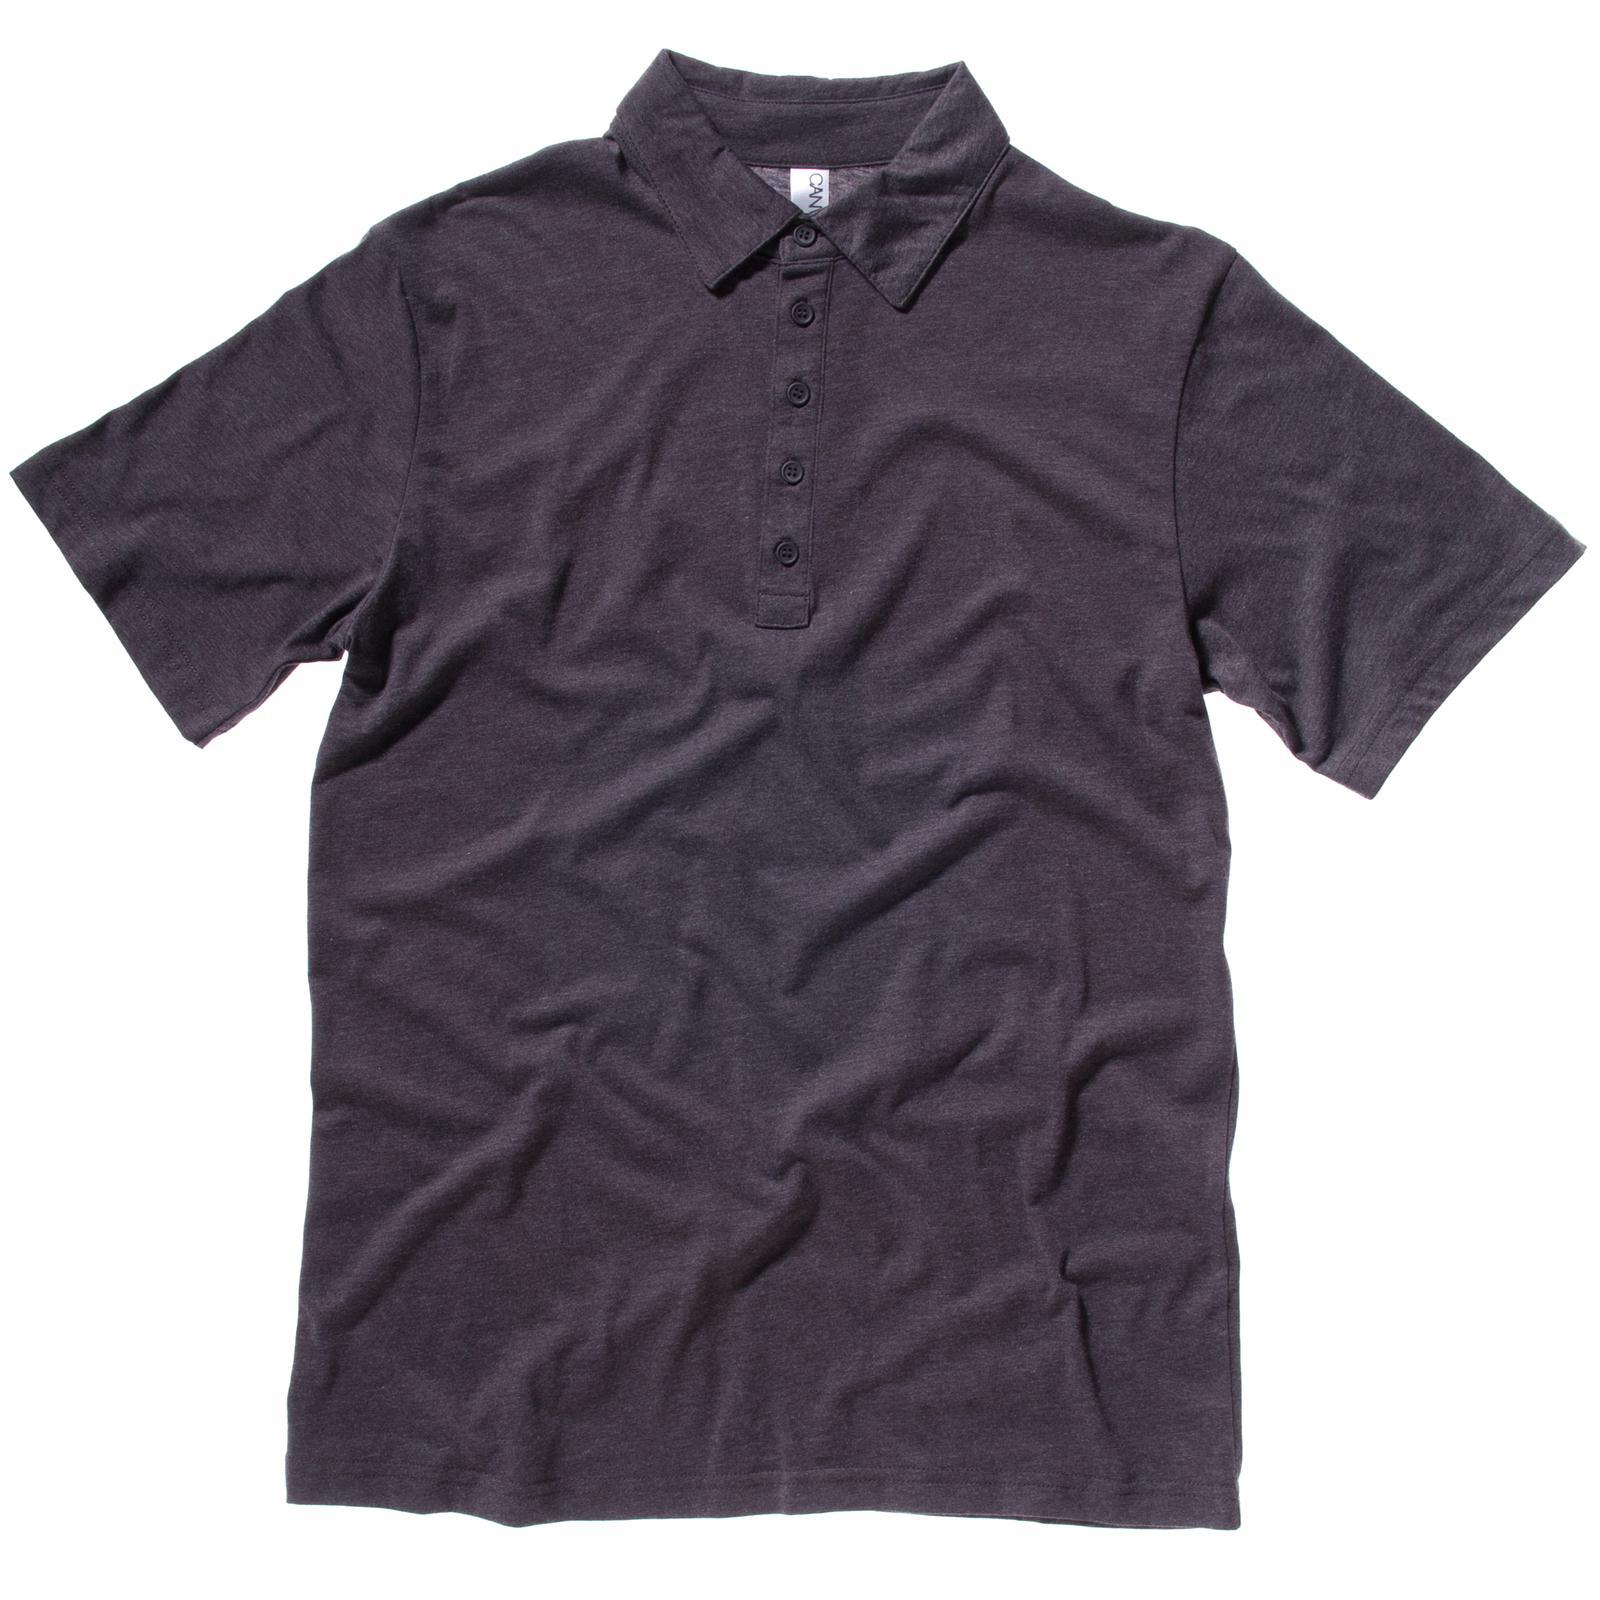 New bella canvas mens chic polycotton 5 button polo shirt for No button polo shirts